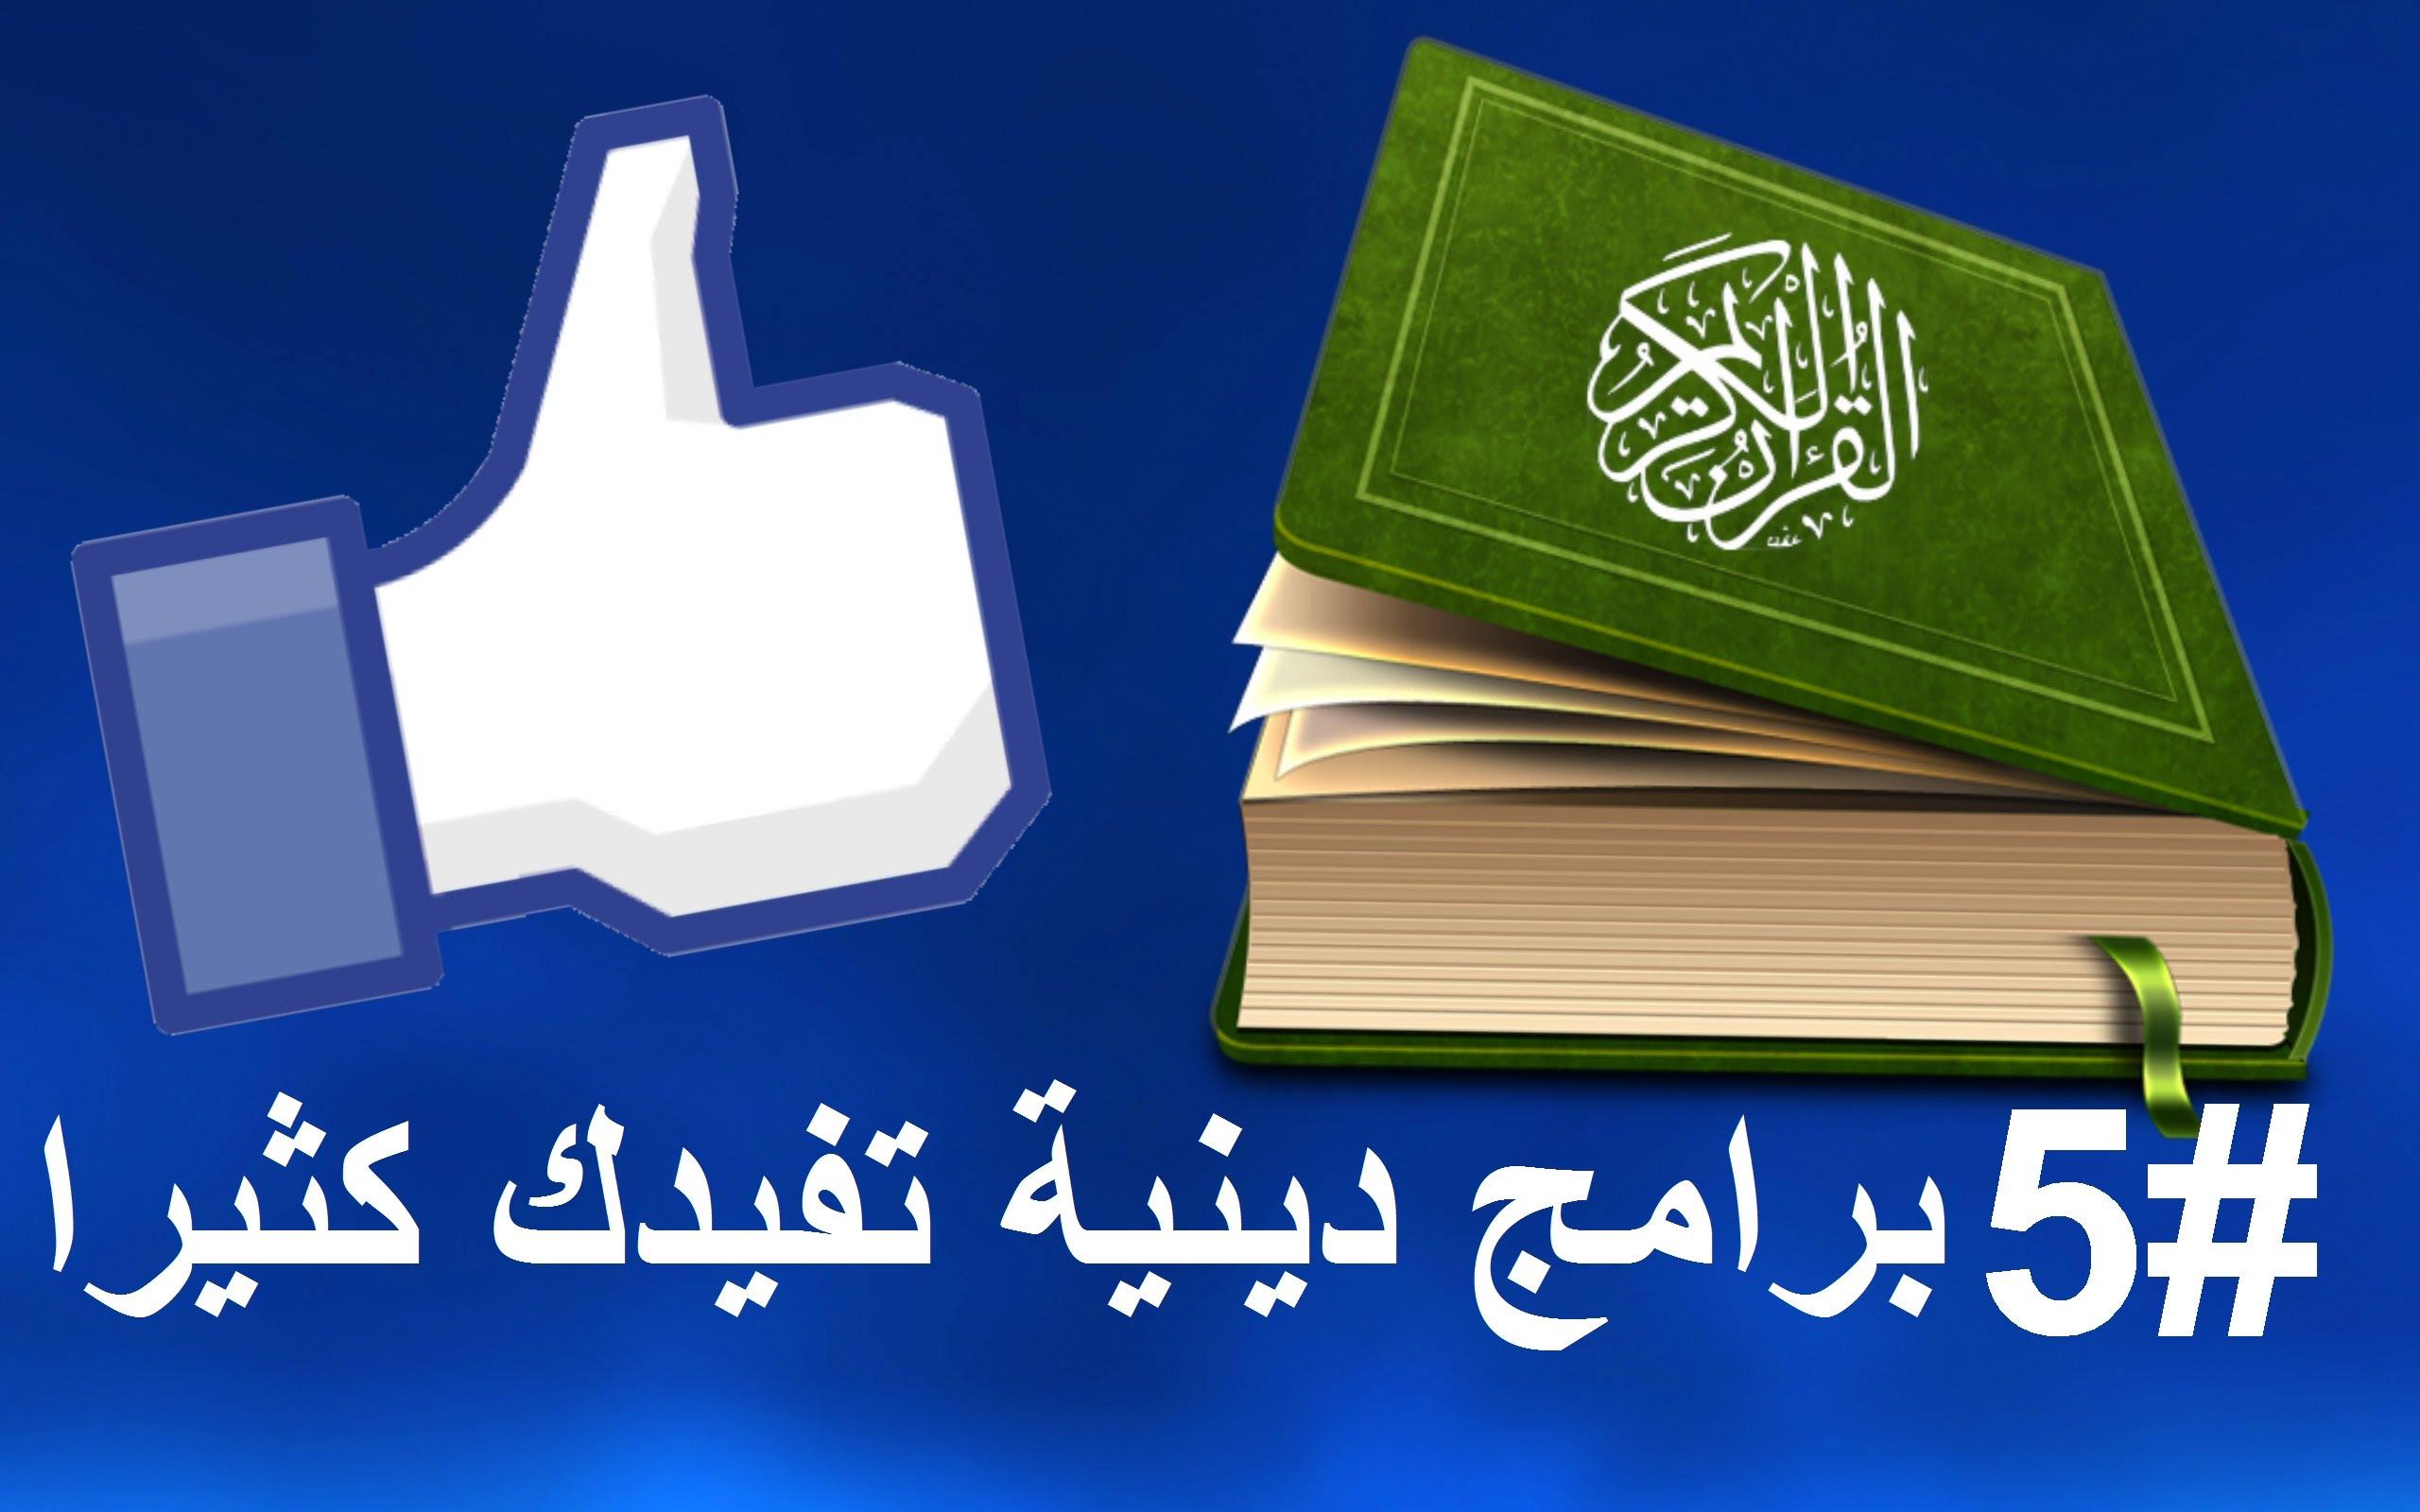 صورة برامج اسلاميه , بعض الواد الفيلمية التي تقدم موضوعات اسلامية